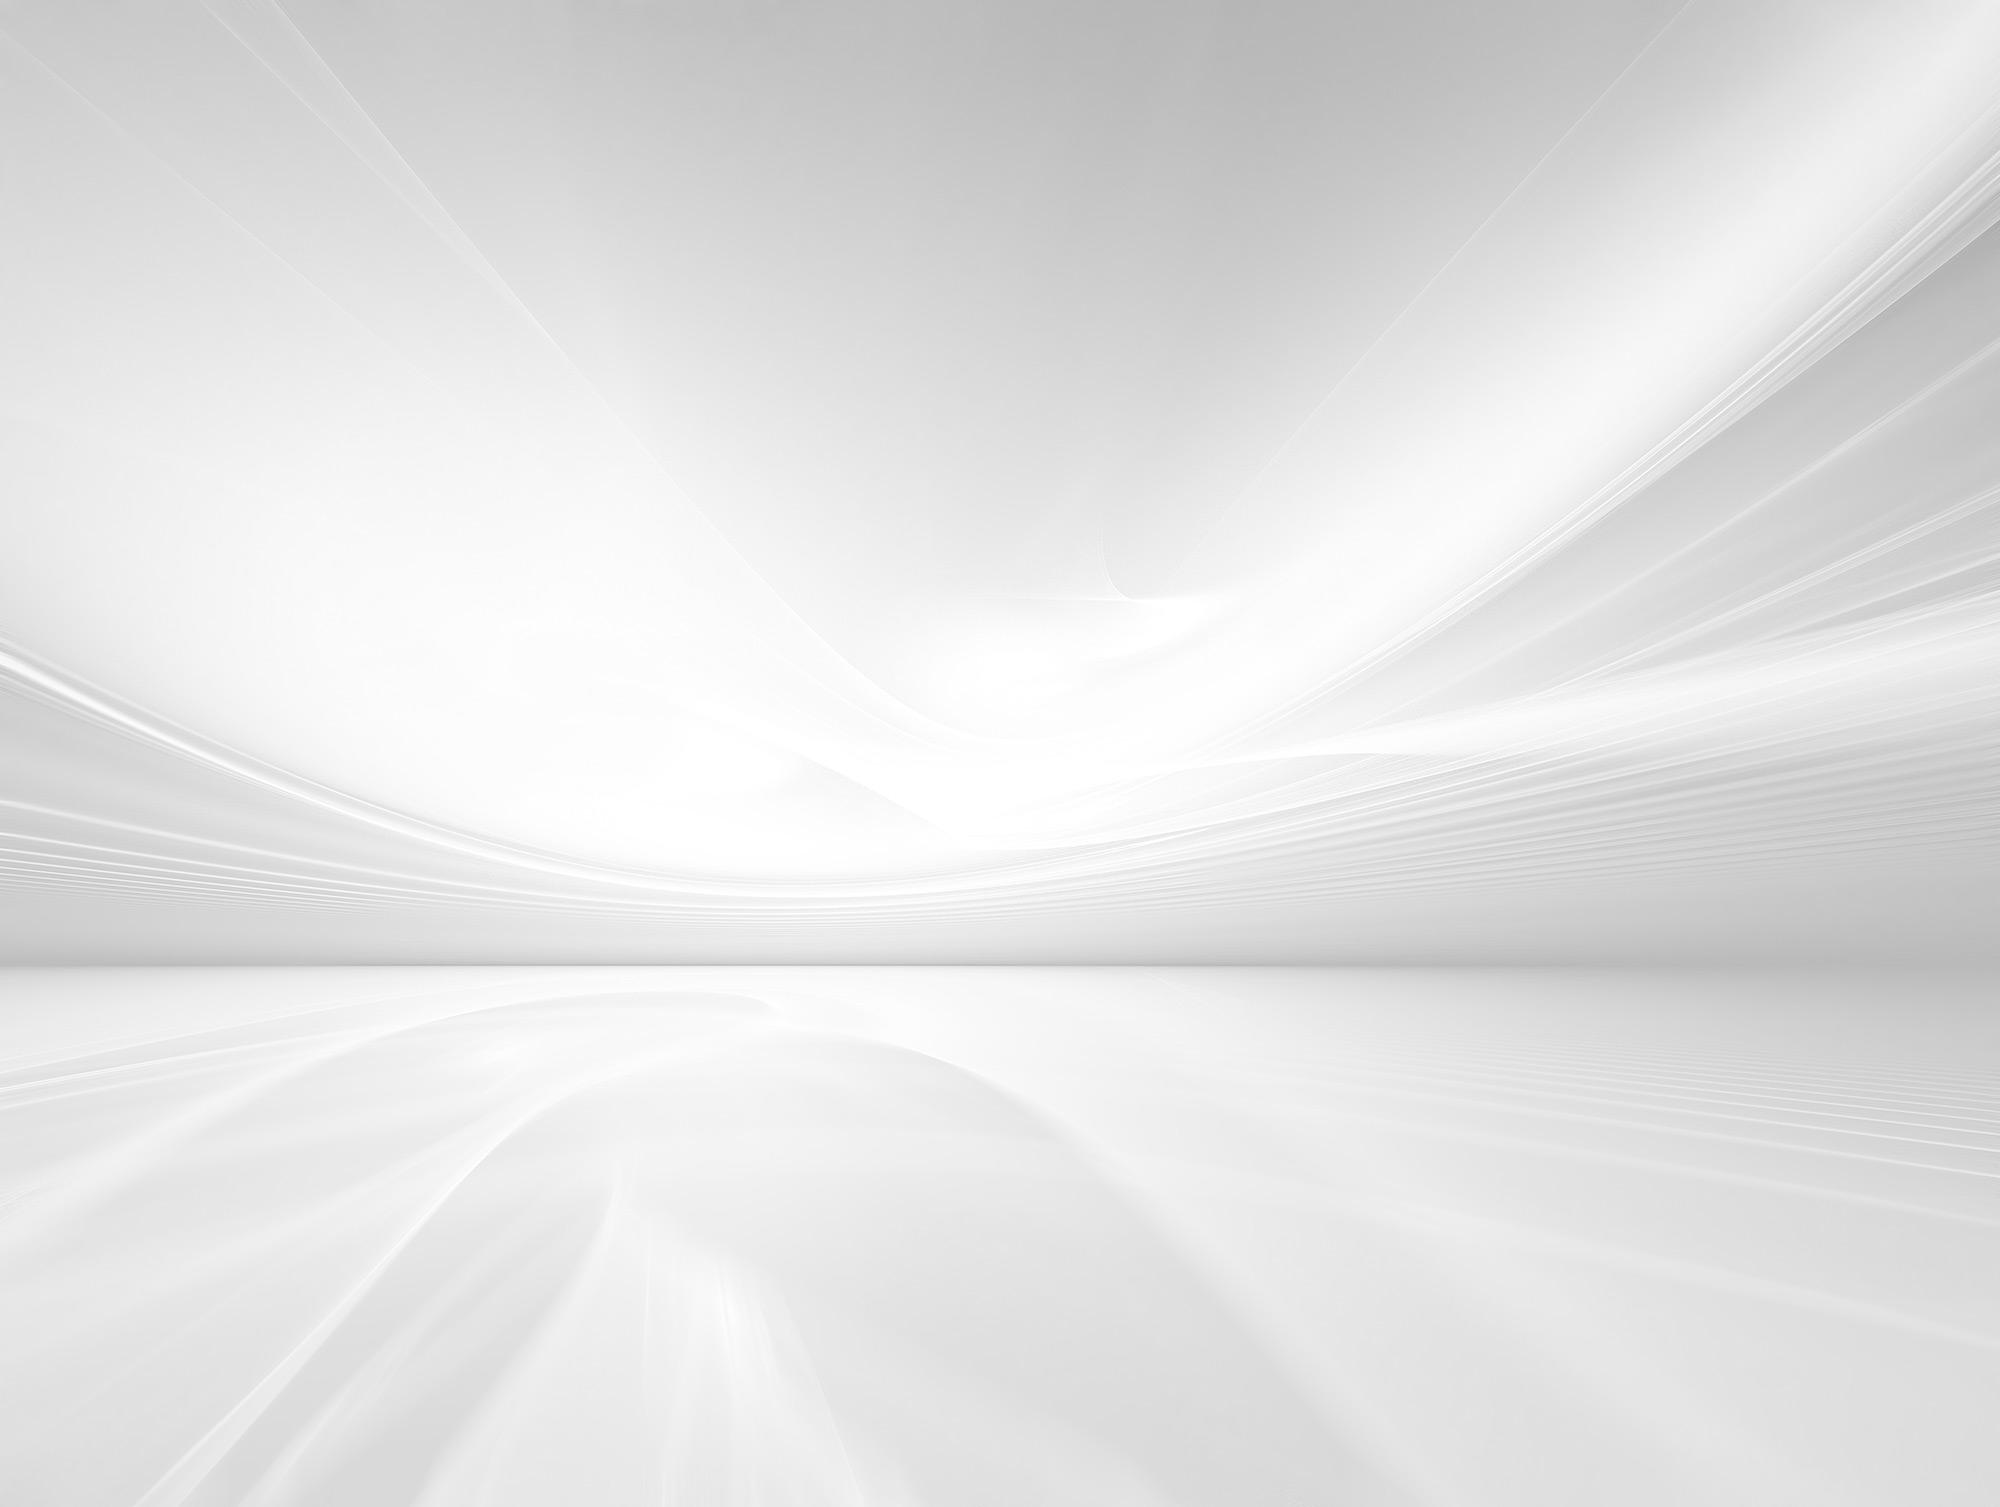 Black And White Wallpaper Pictures Fondo Blanco Zemper